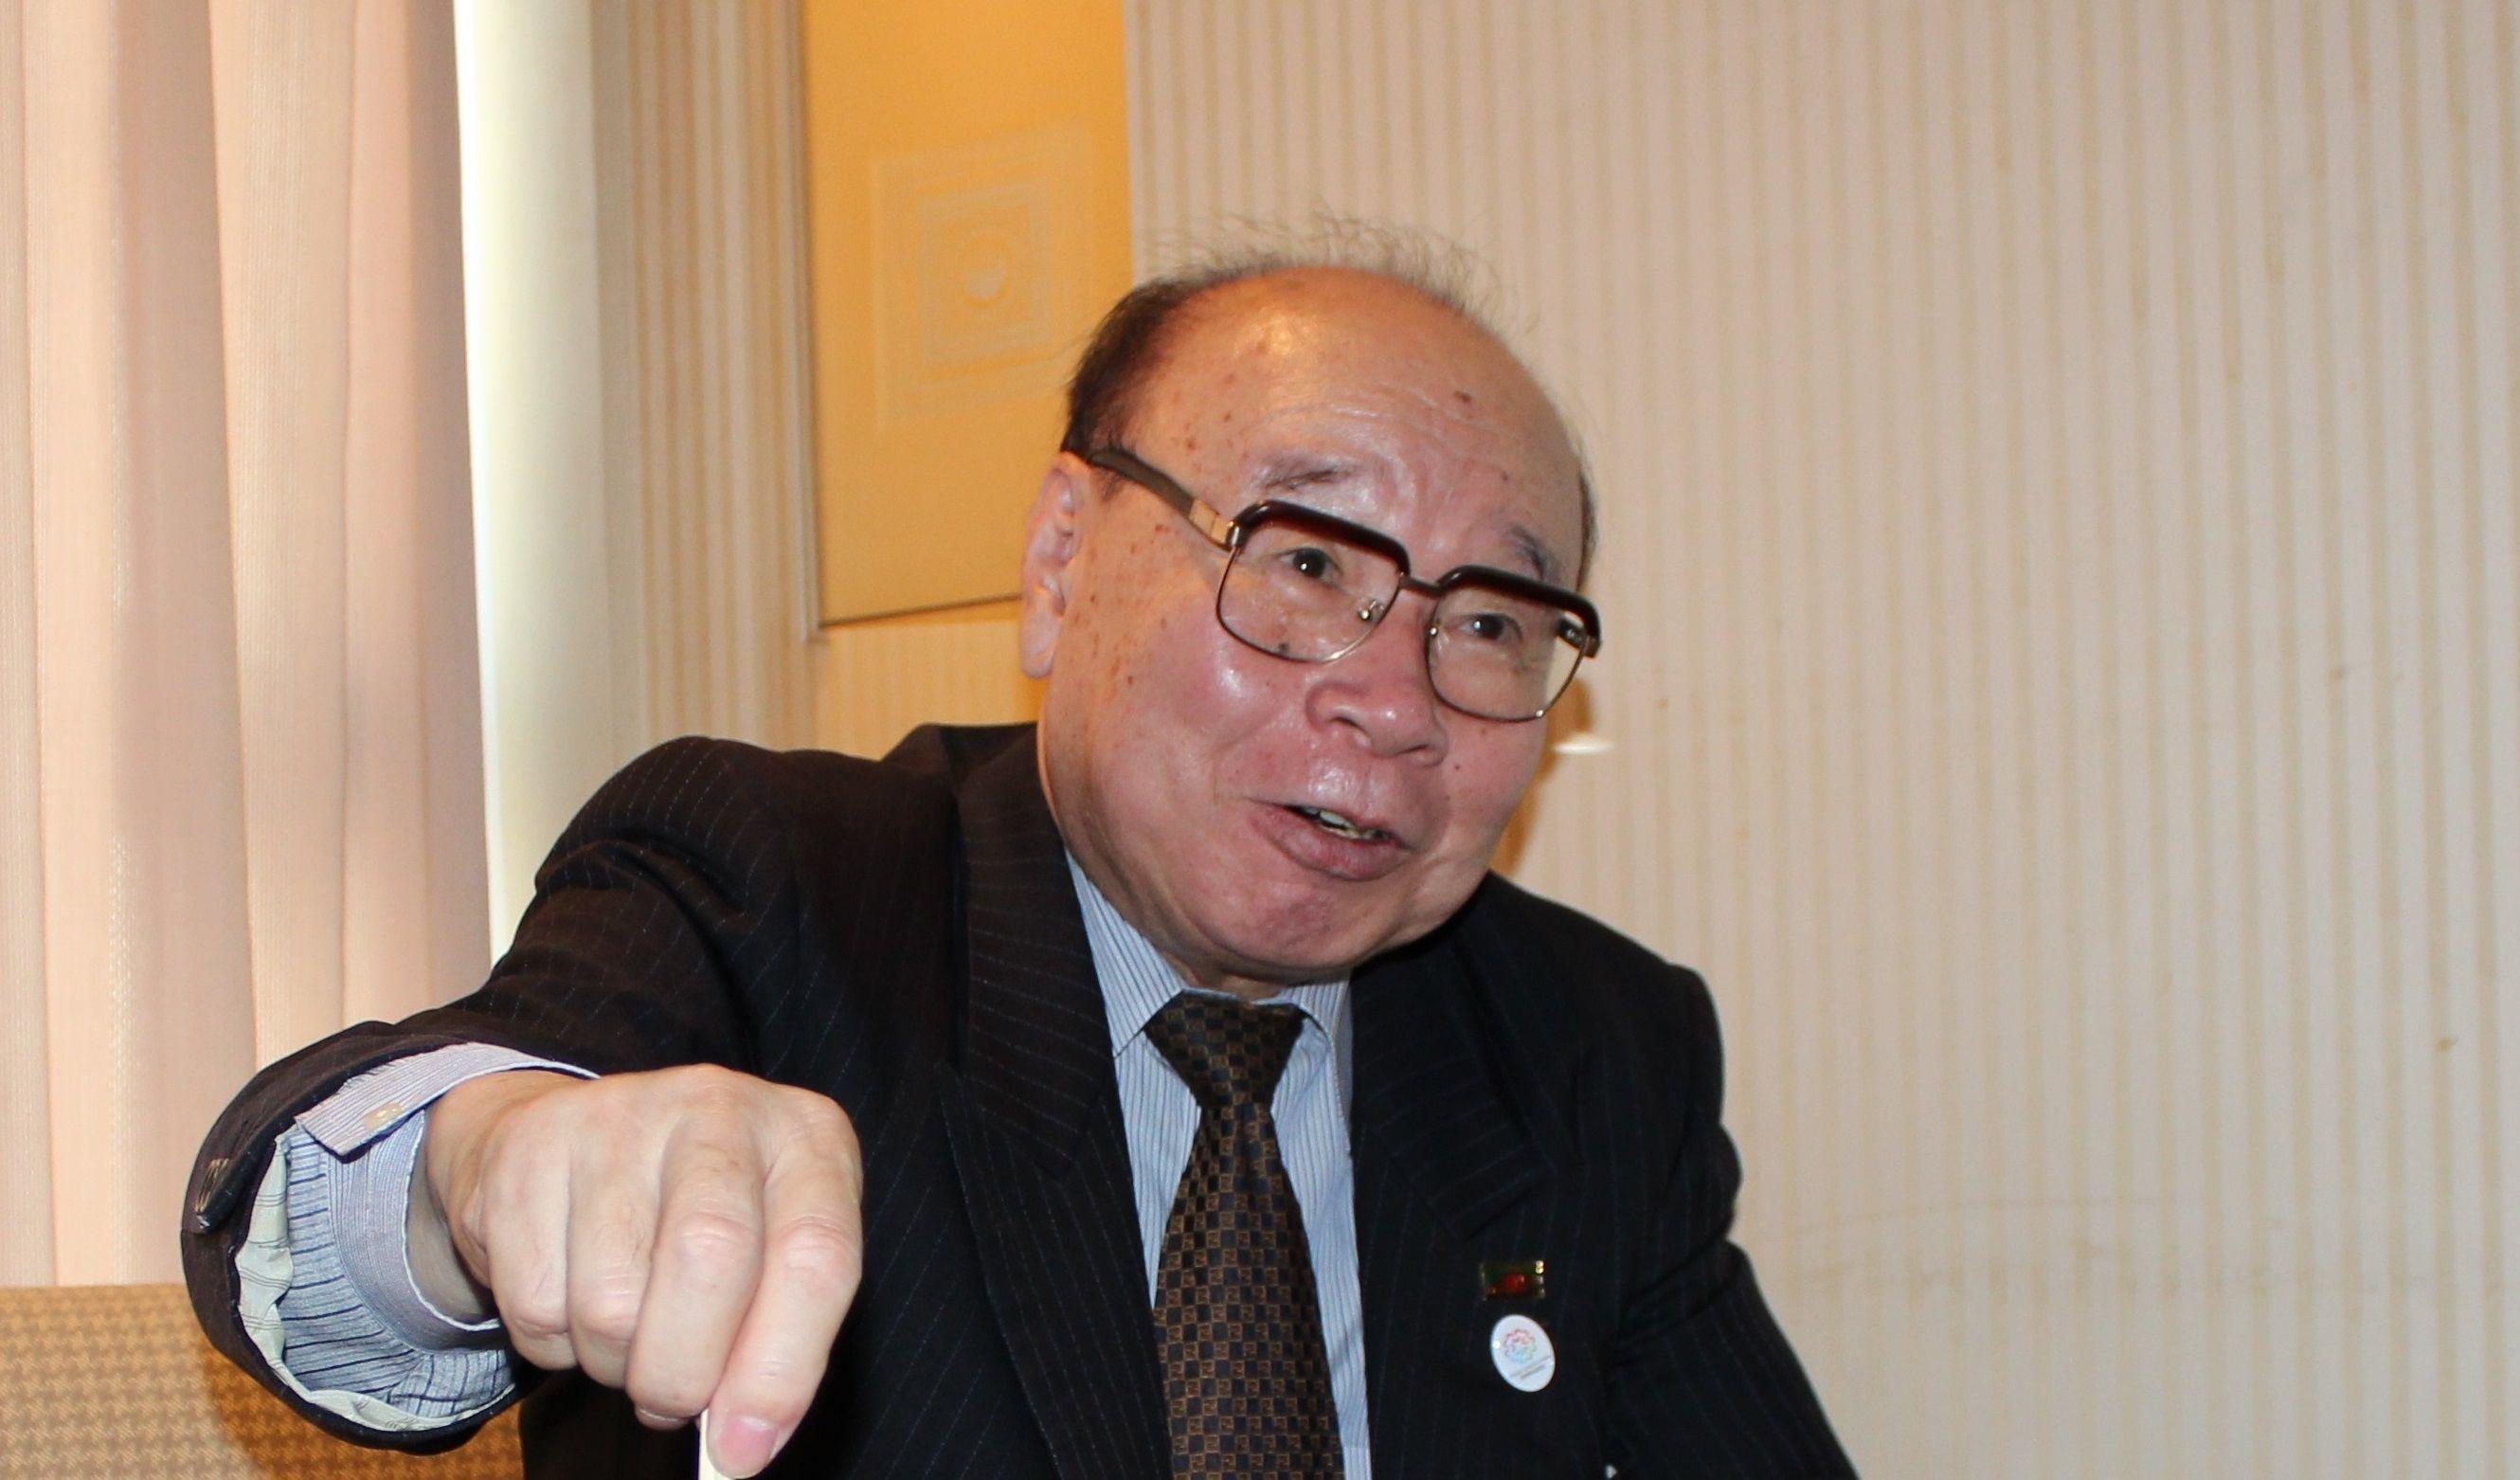 「一世帯 月2ドル」の支払いで成り立つ飲料水事業 小田兼利日本ポリグル会長に聞く